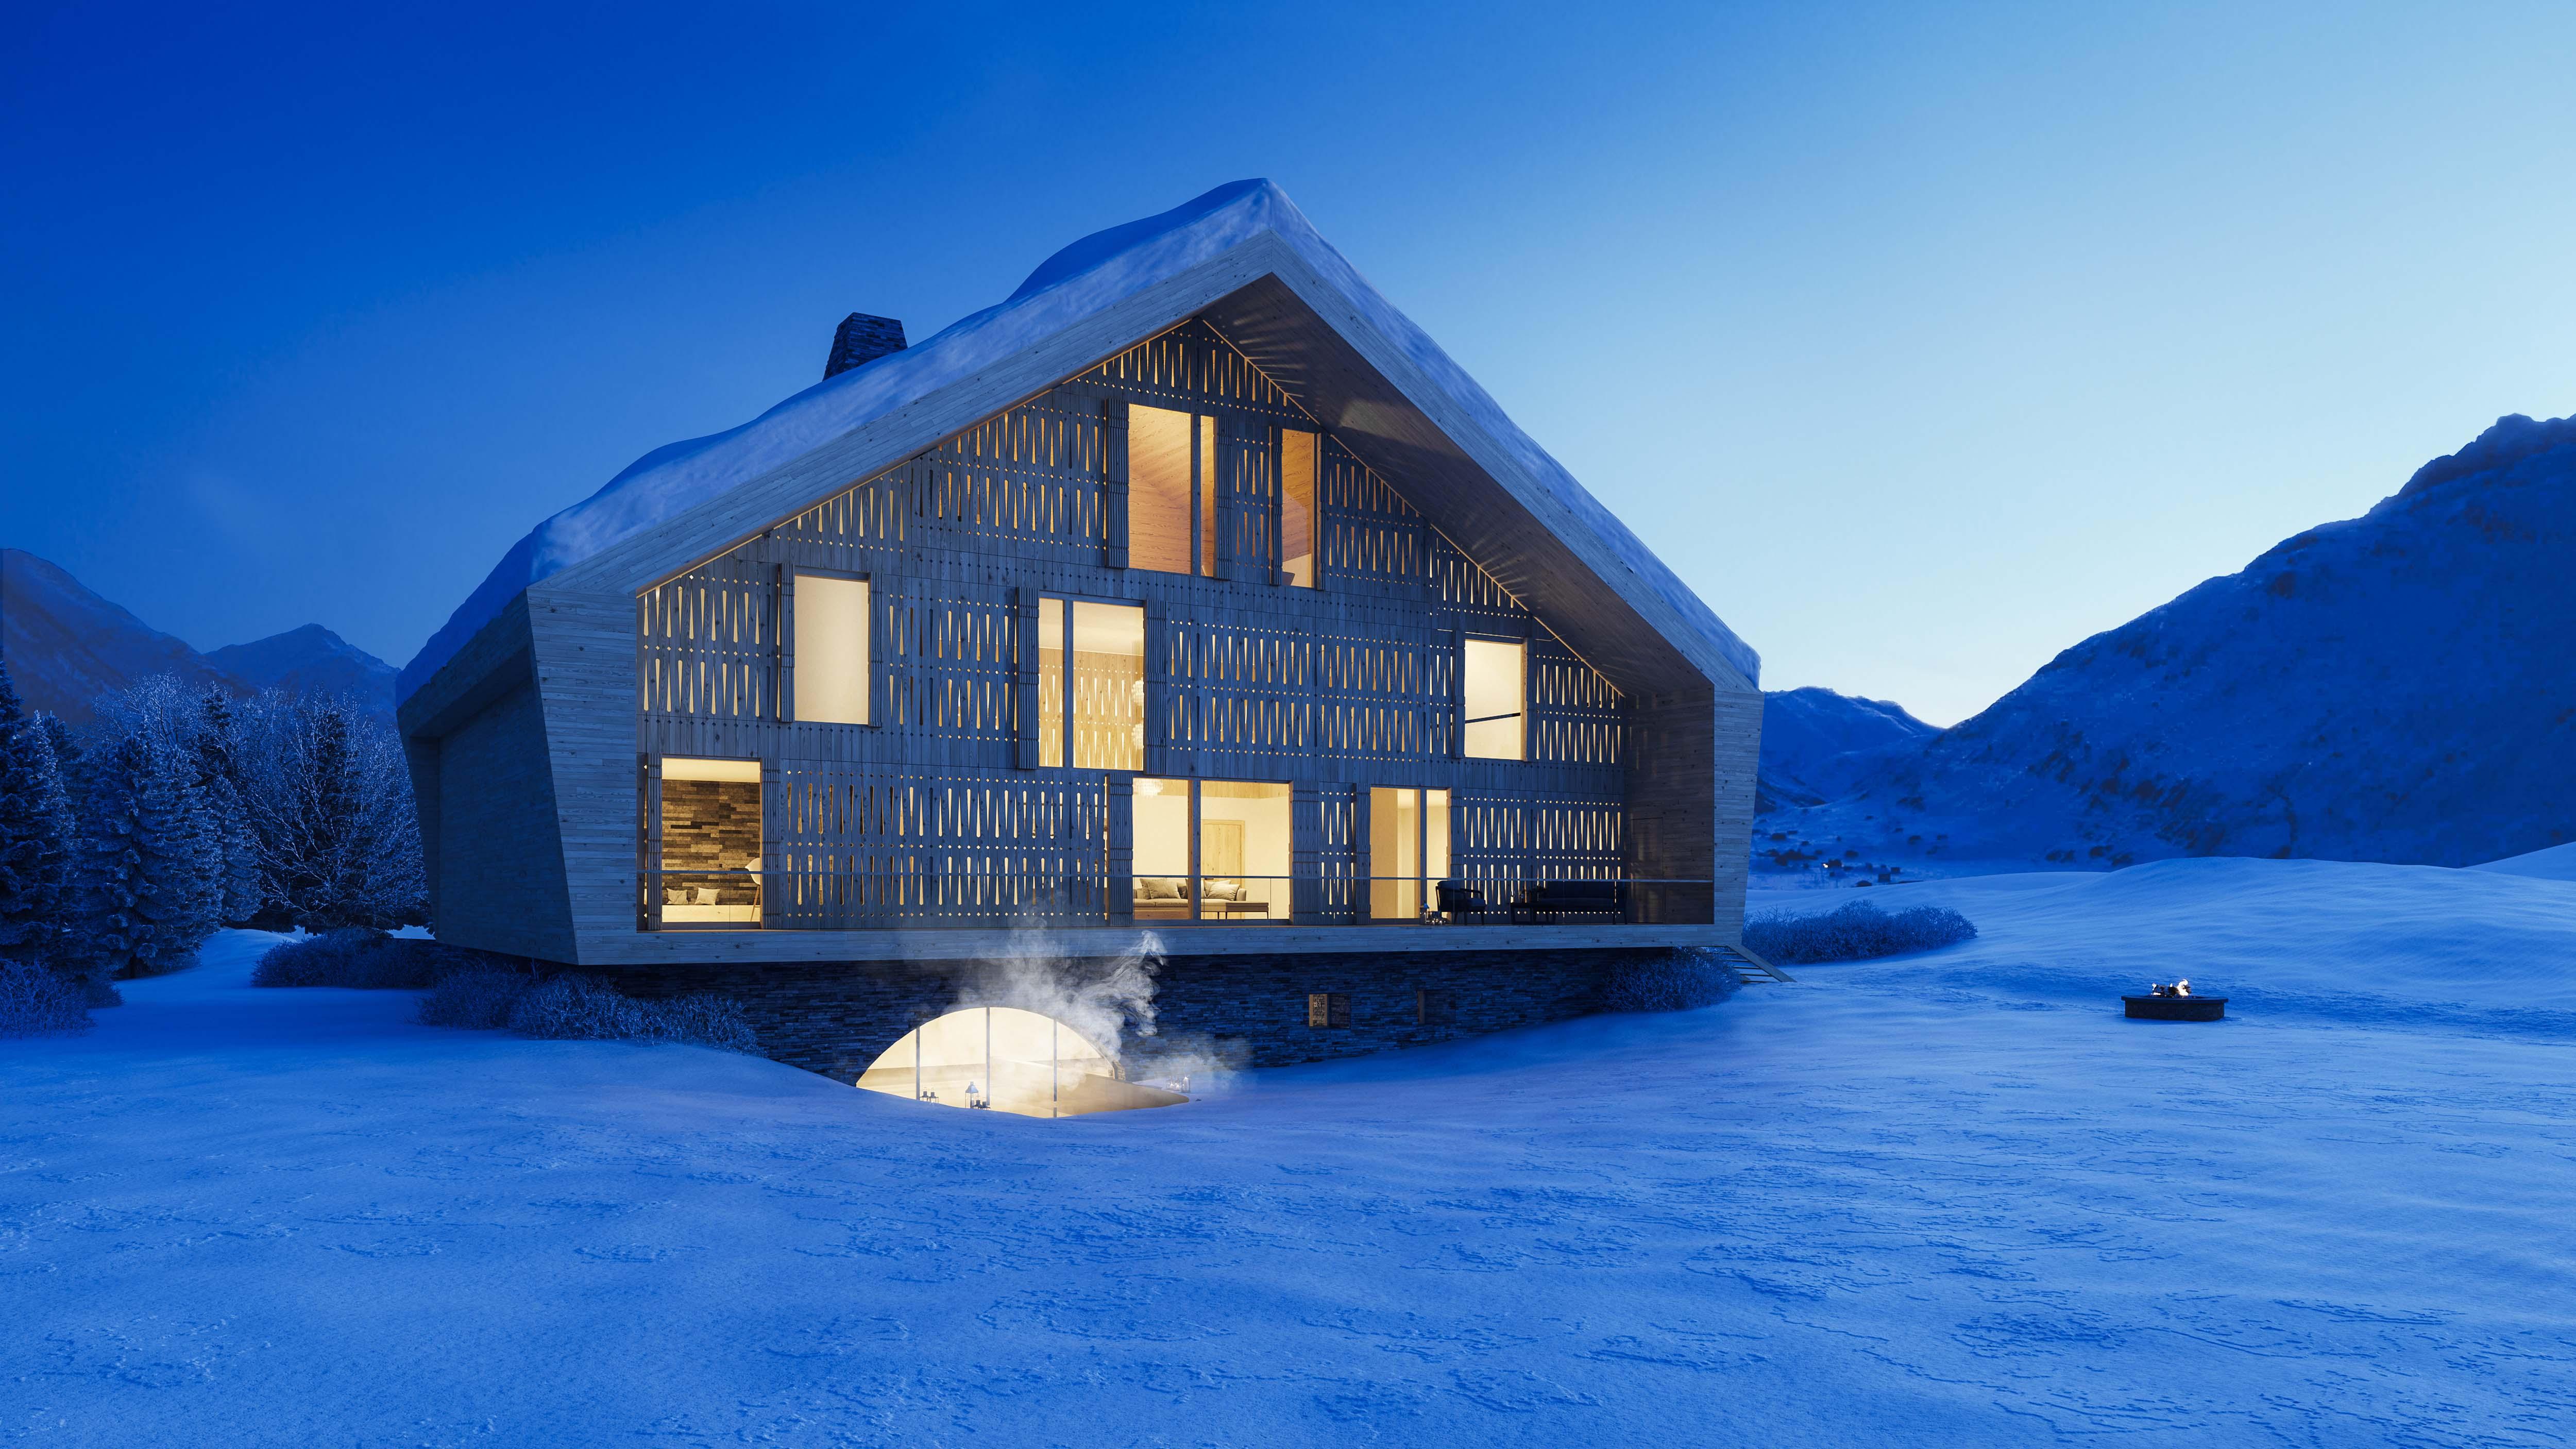 Andermatt Chalets Chalet, Switzerland